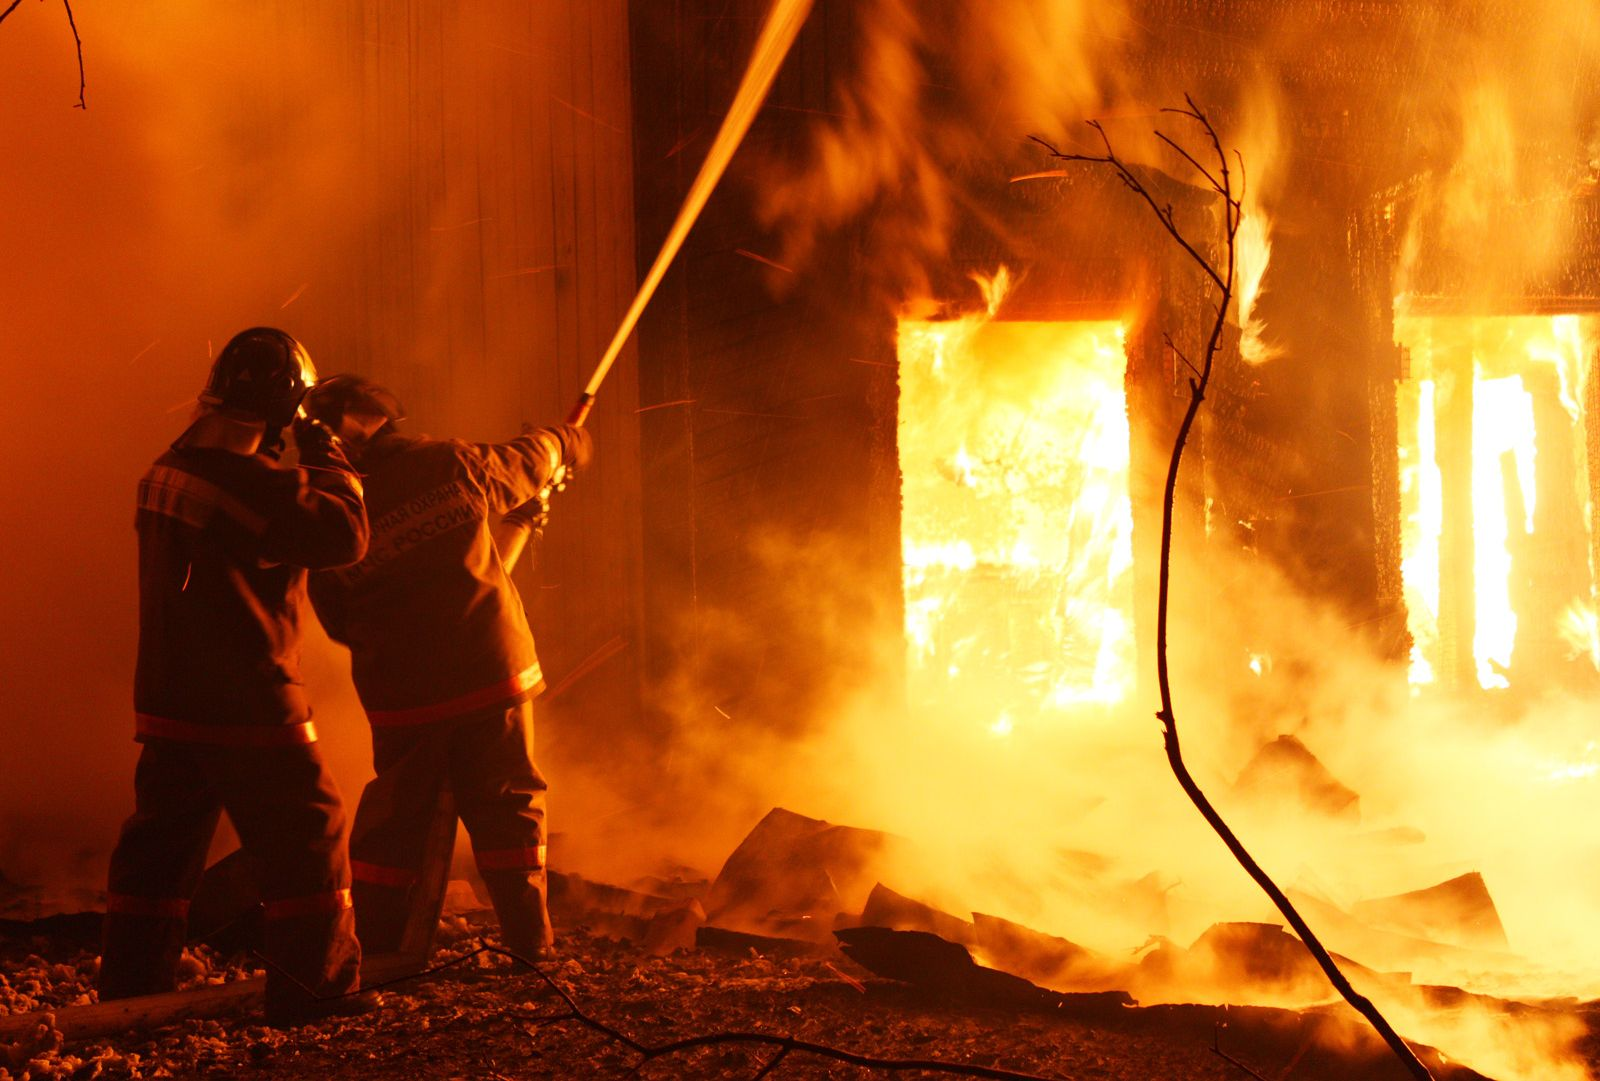 В Архиповке Смоленского района загорелся жилой дом